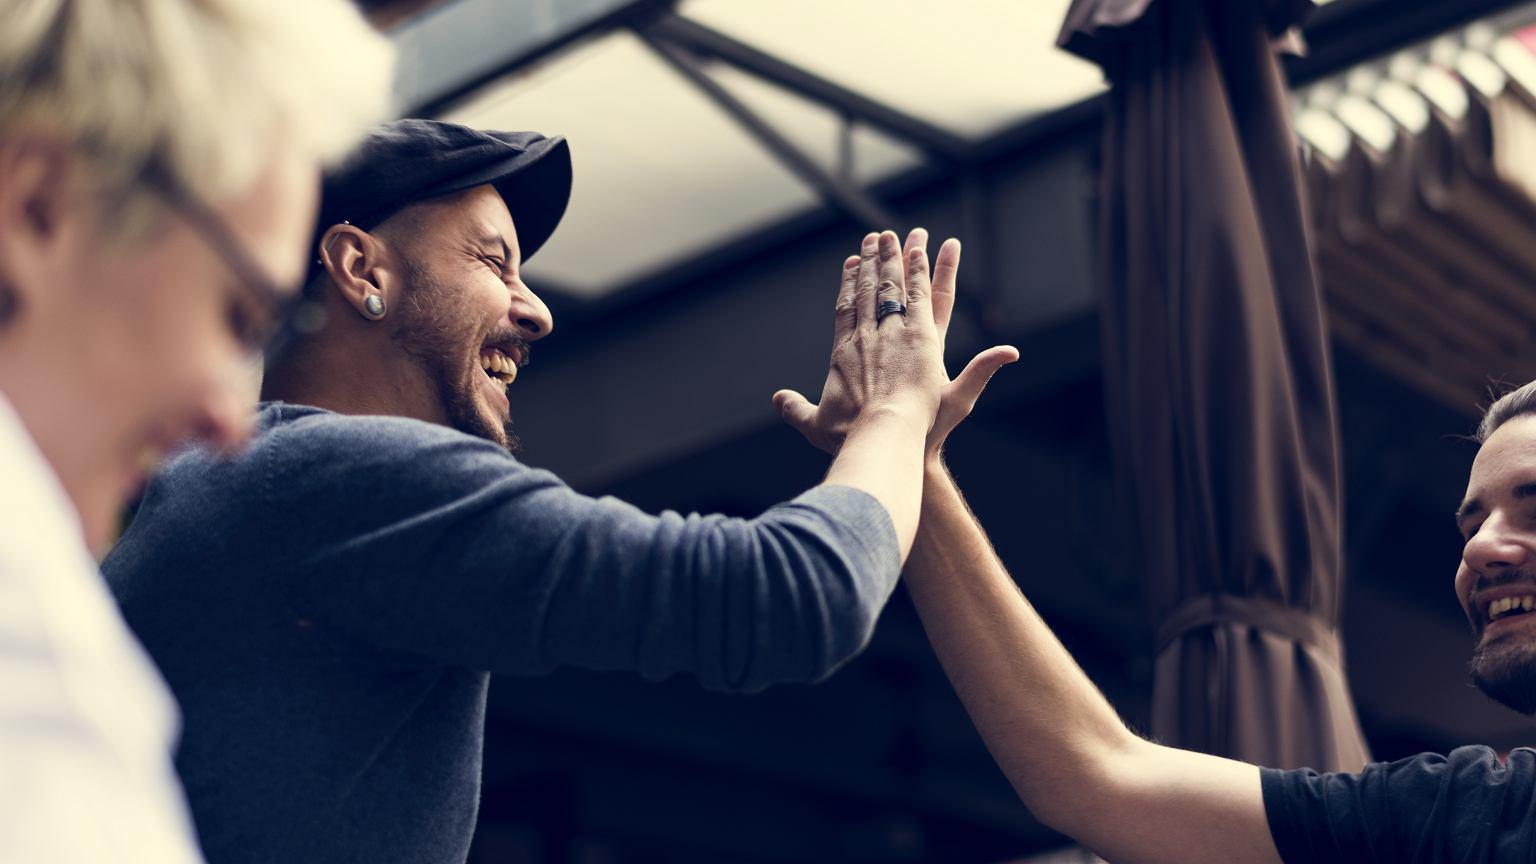 Pozytywna energia ułatwia znalezienie wspólnego języka